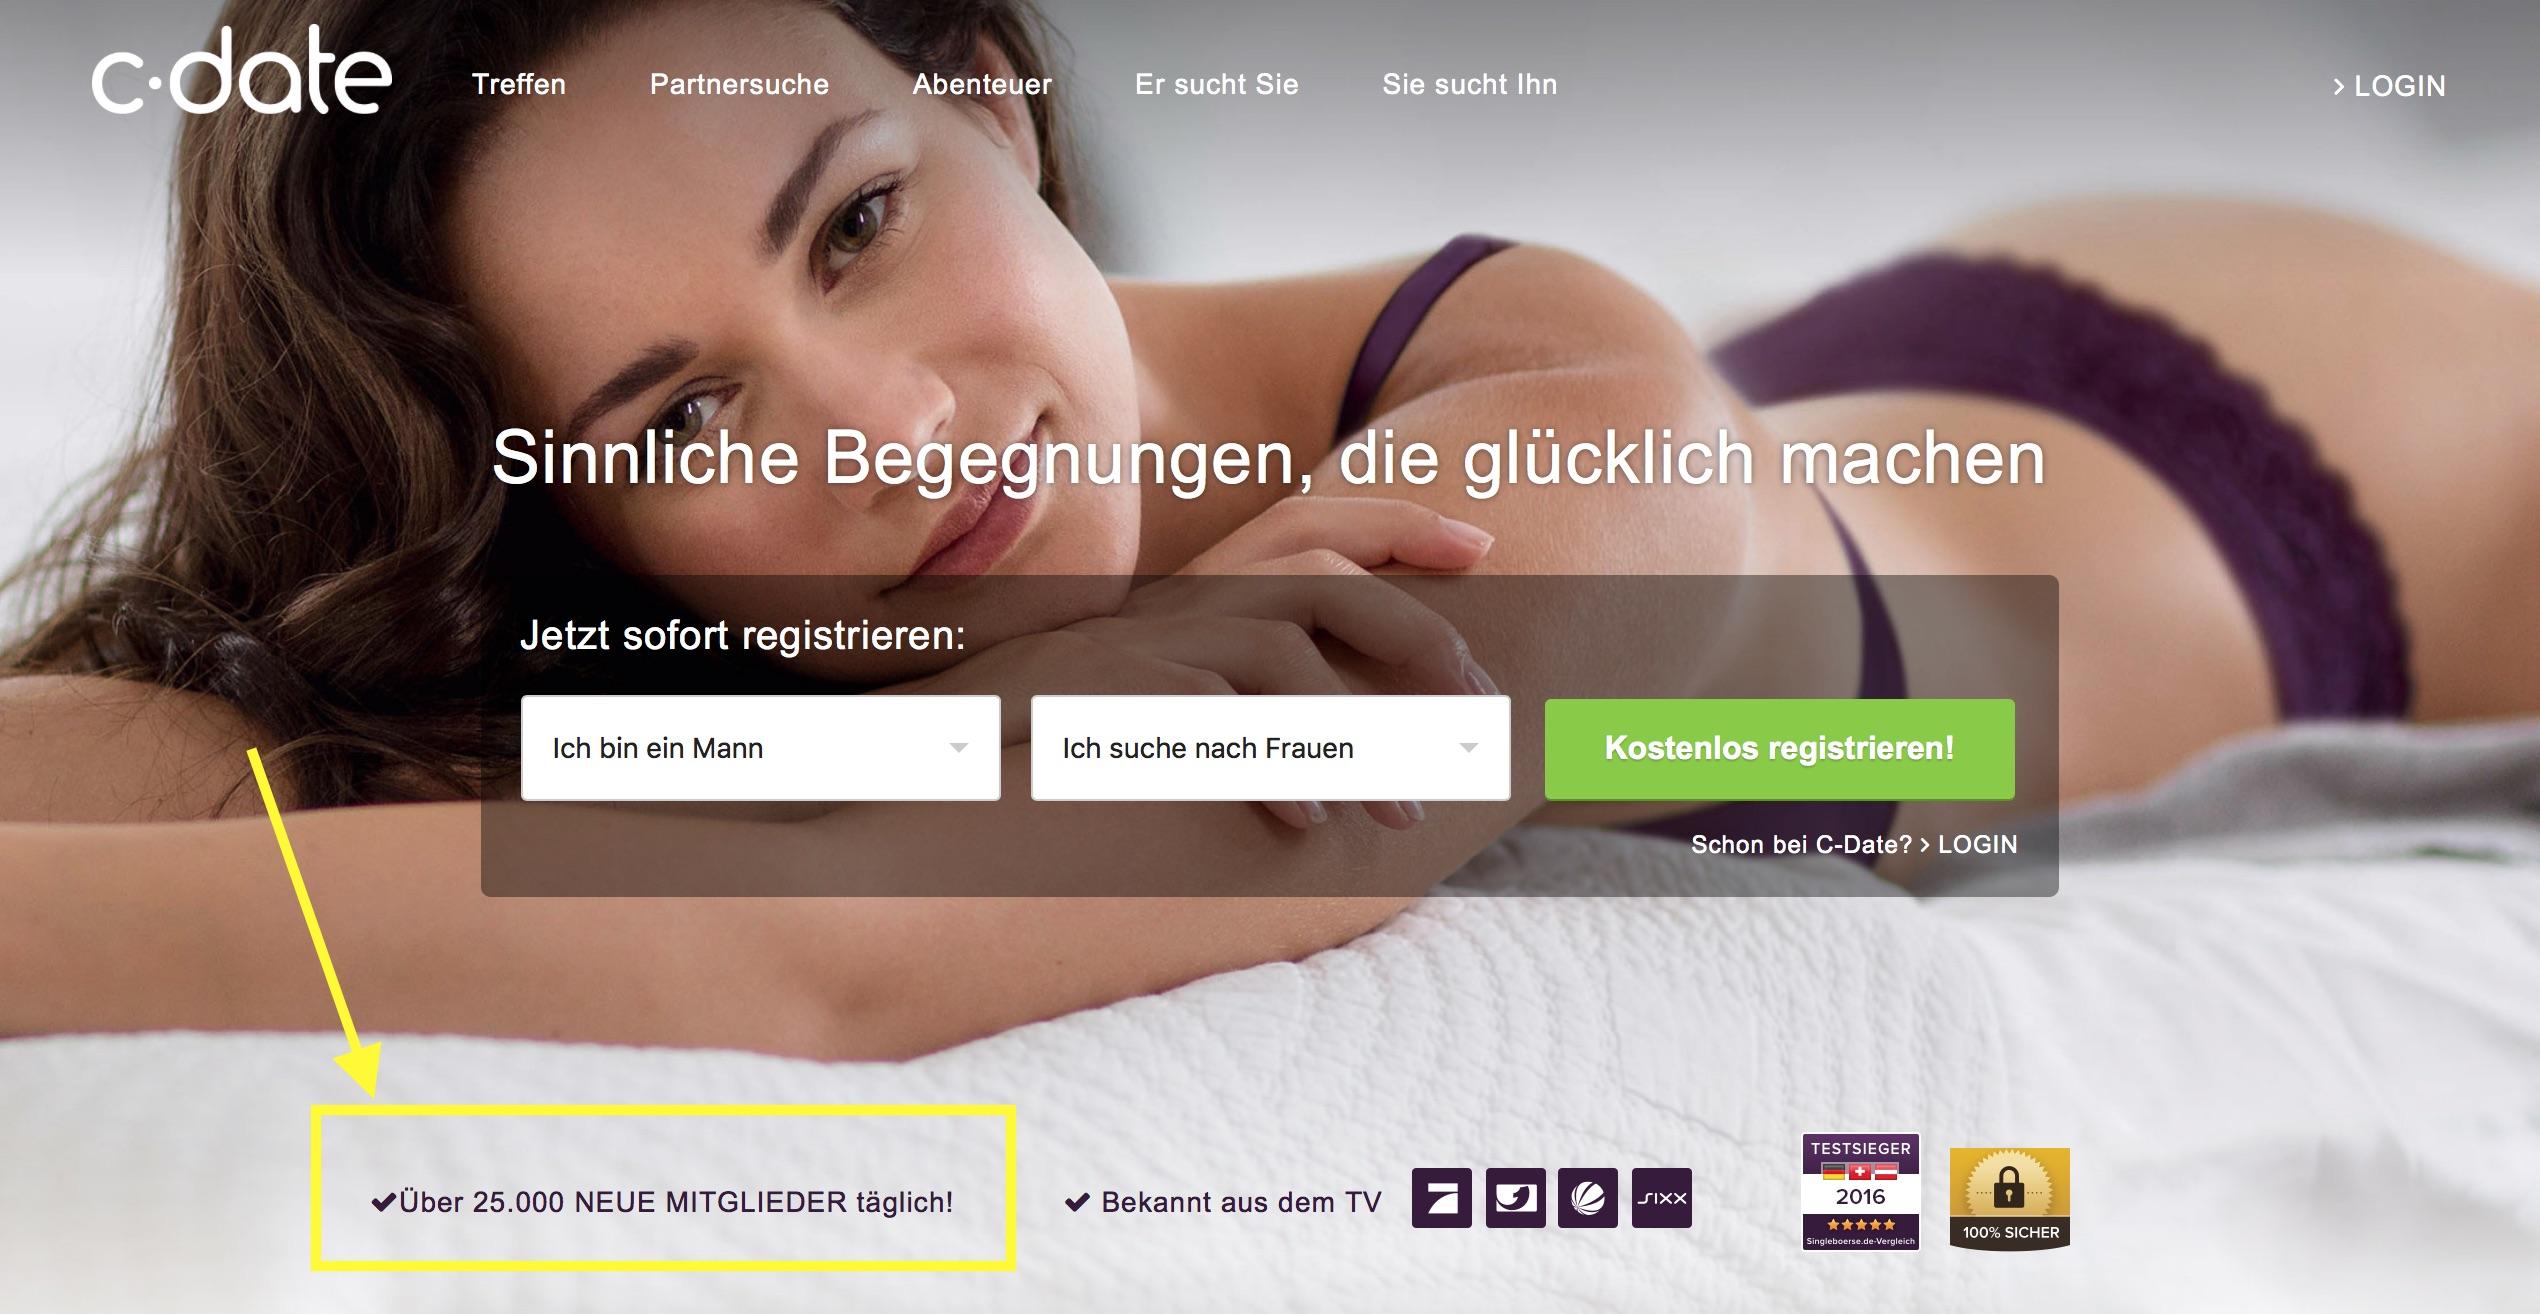 erotikportal deutsch